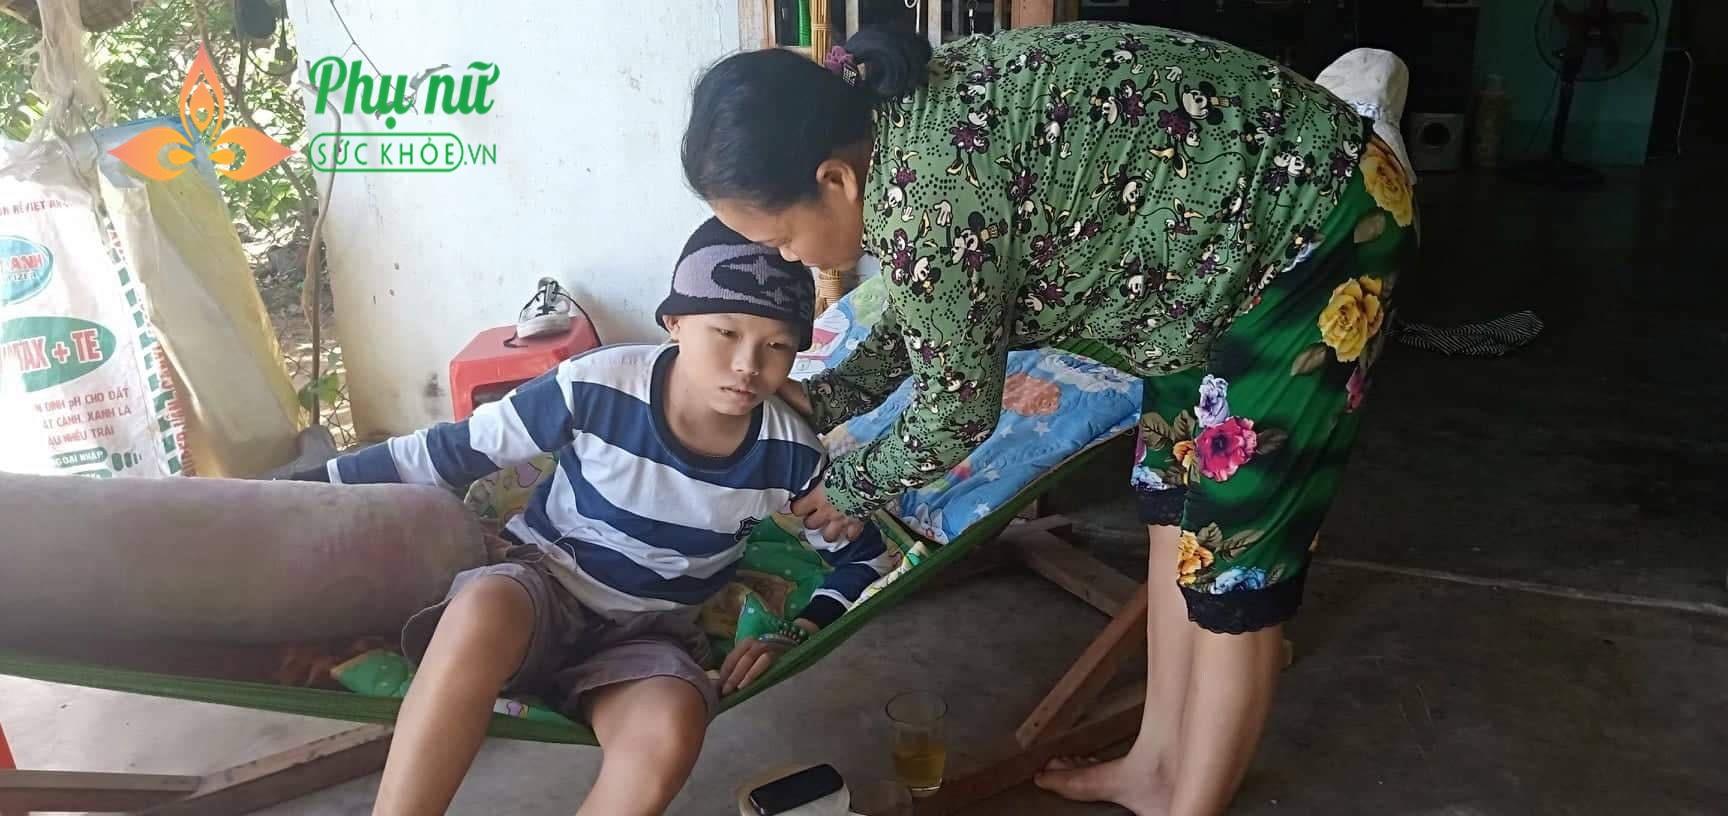 Tình cảnh nghiệt ngã của gia đình nghèo: Cha mất, mẹ bị u phổi, con mắc u não não ác tính đau đớn tột cùng - Ảnh 3